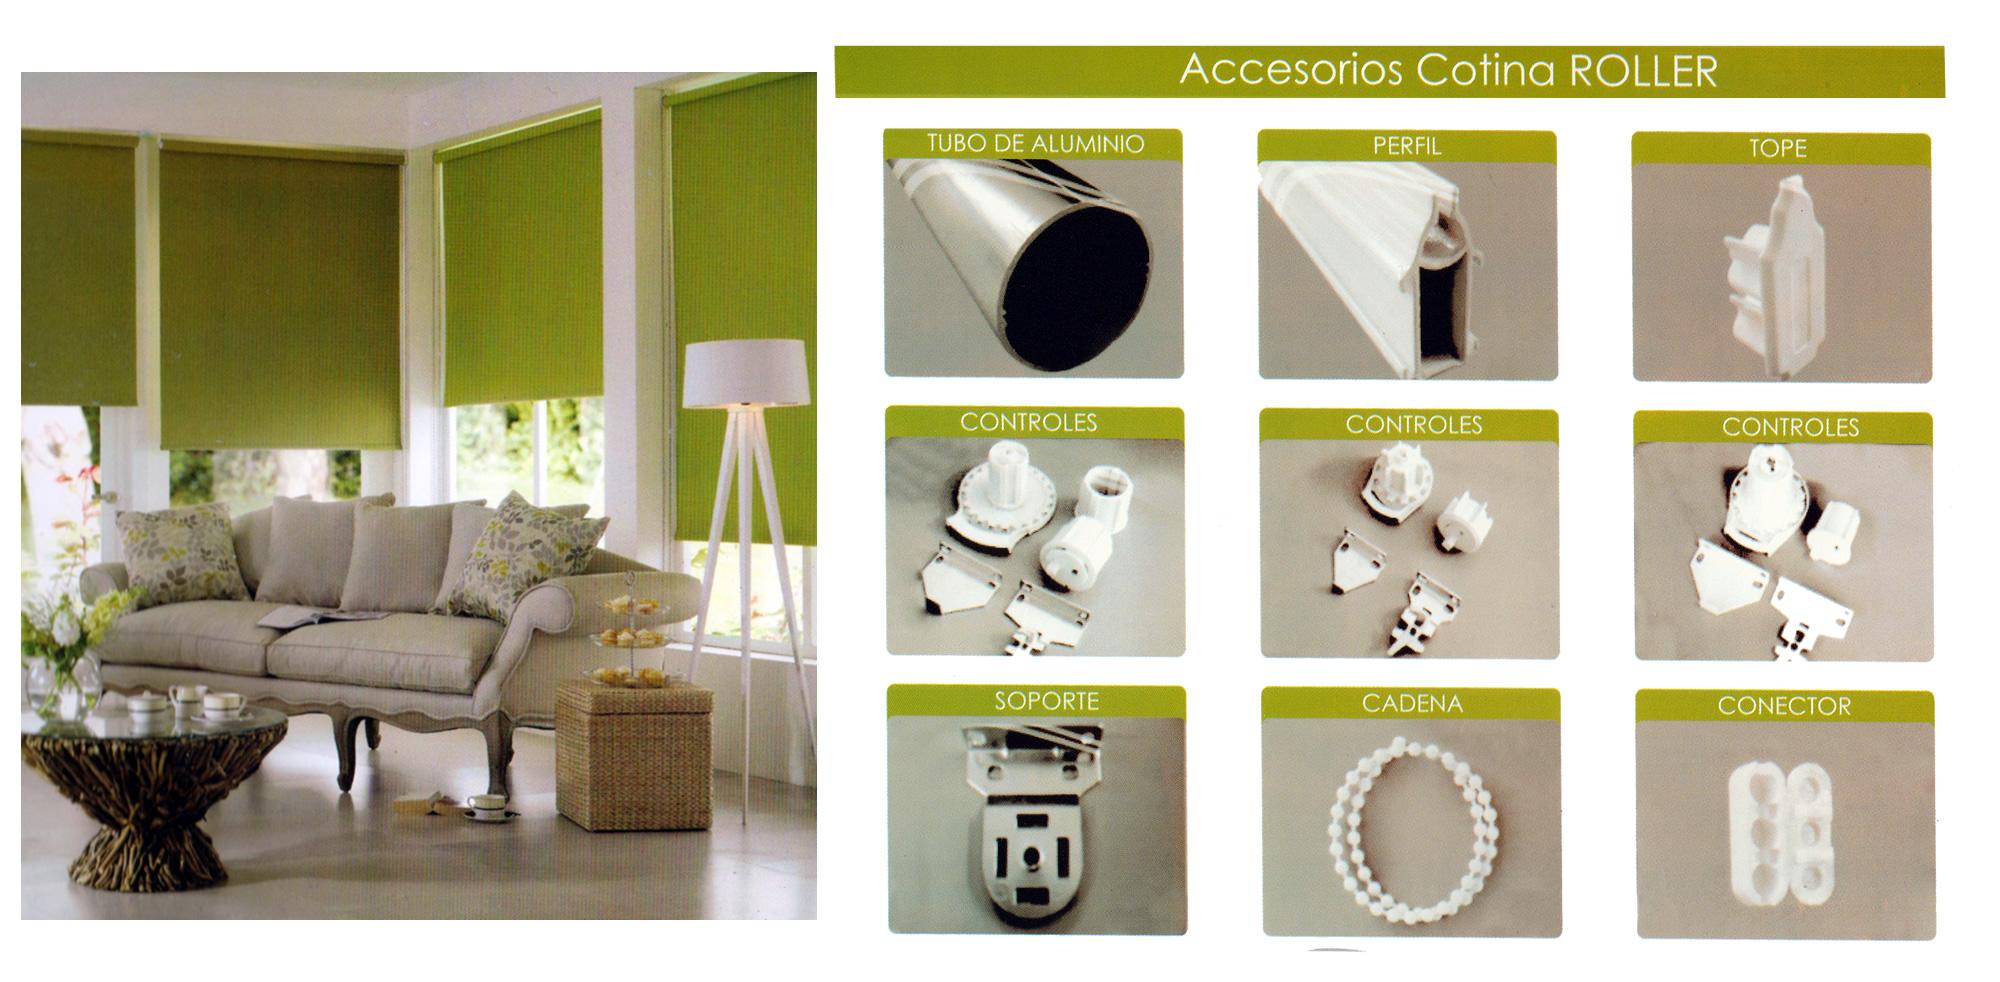 Accesorios para cortinas en guayaquil cortinas contreras for Accesorios para colgar cortinas